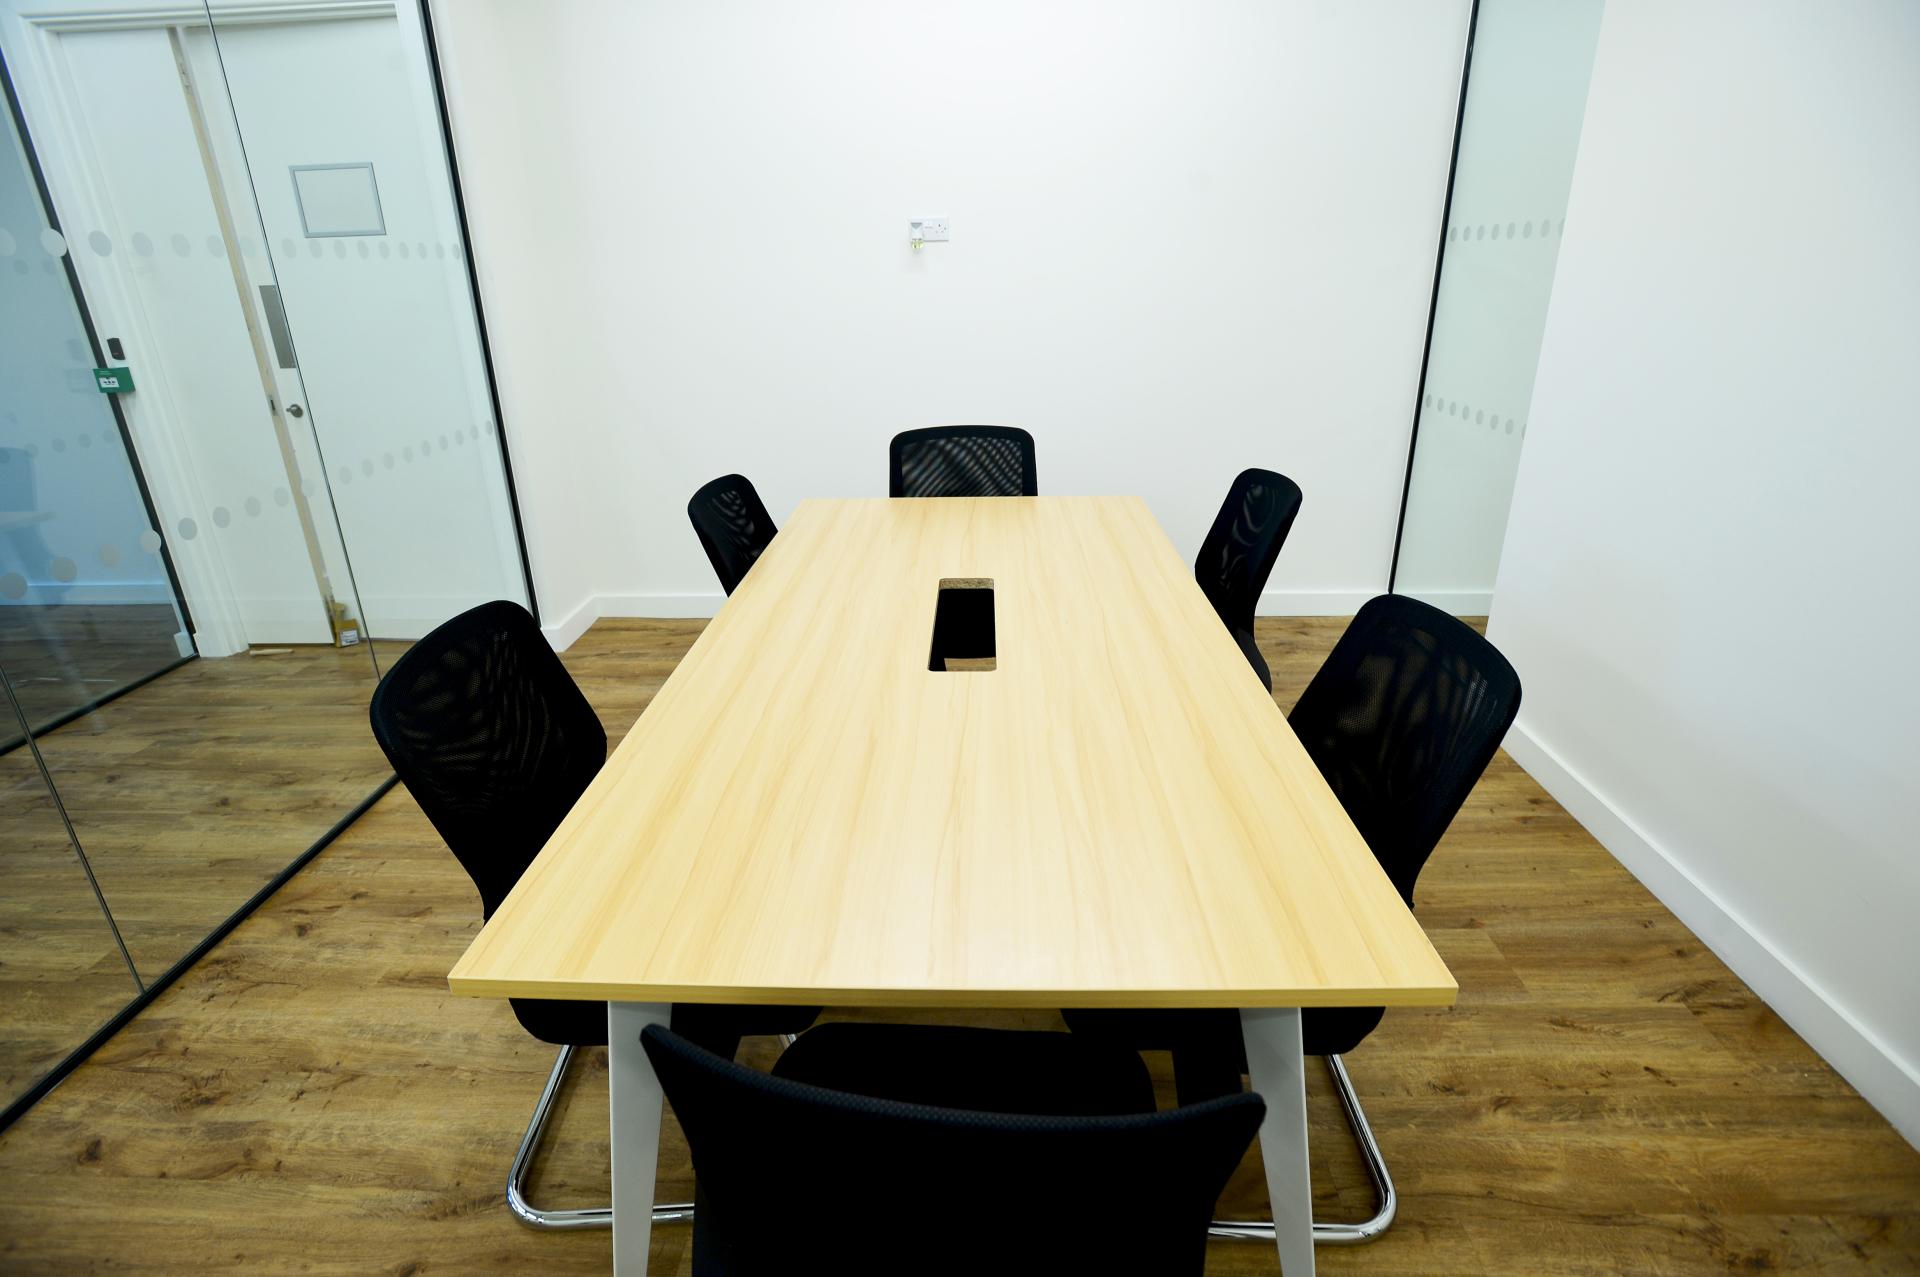 6 people meeting room